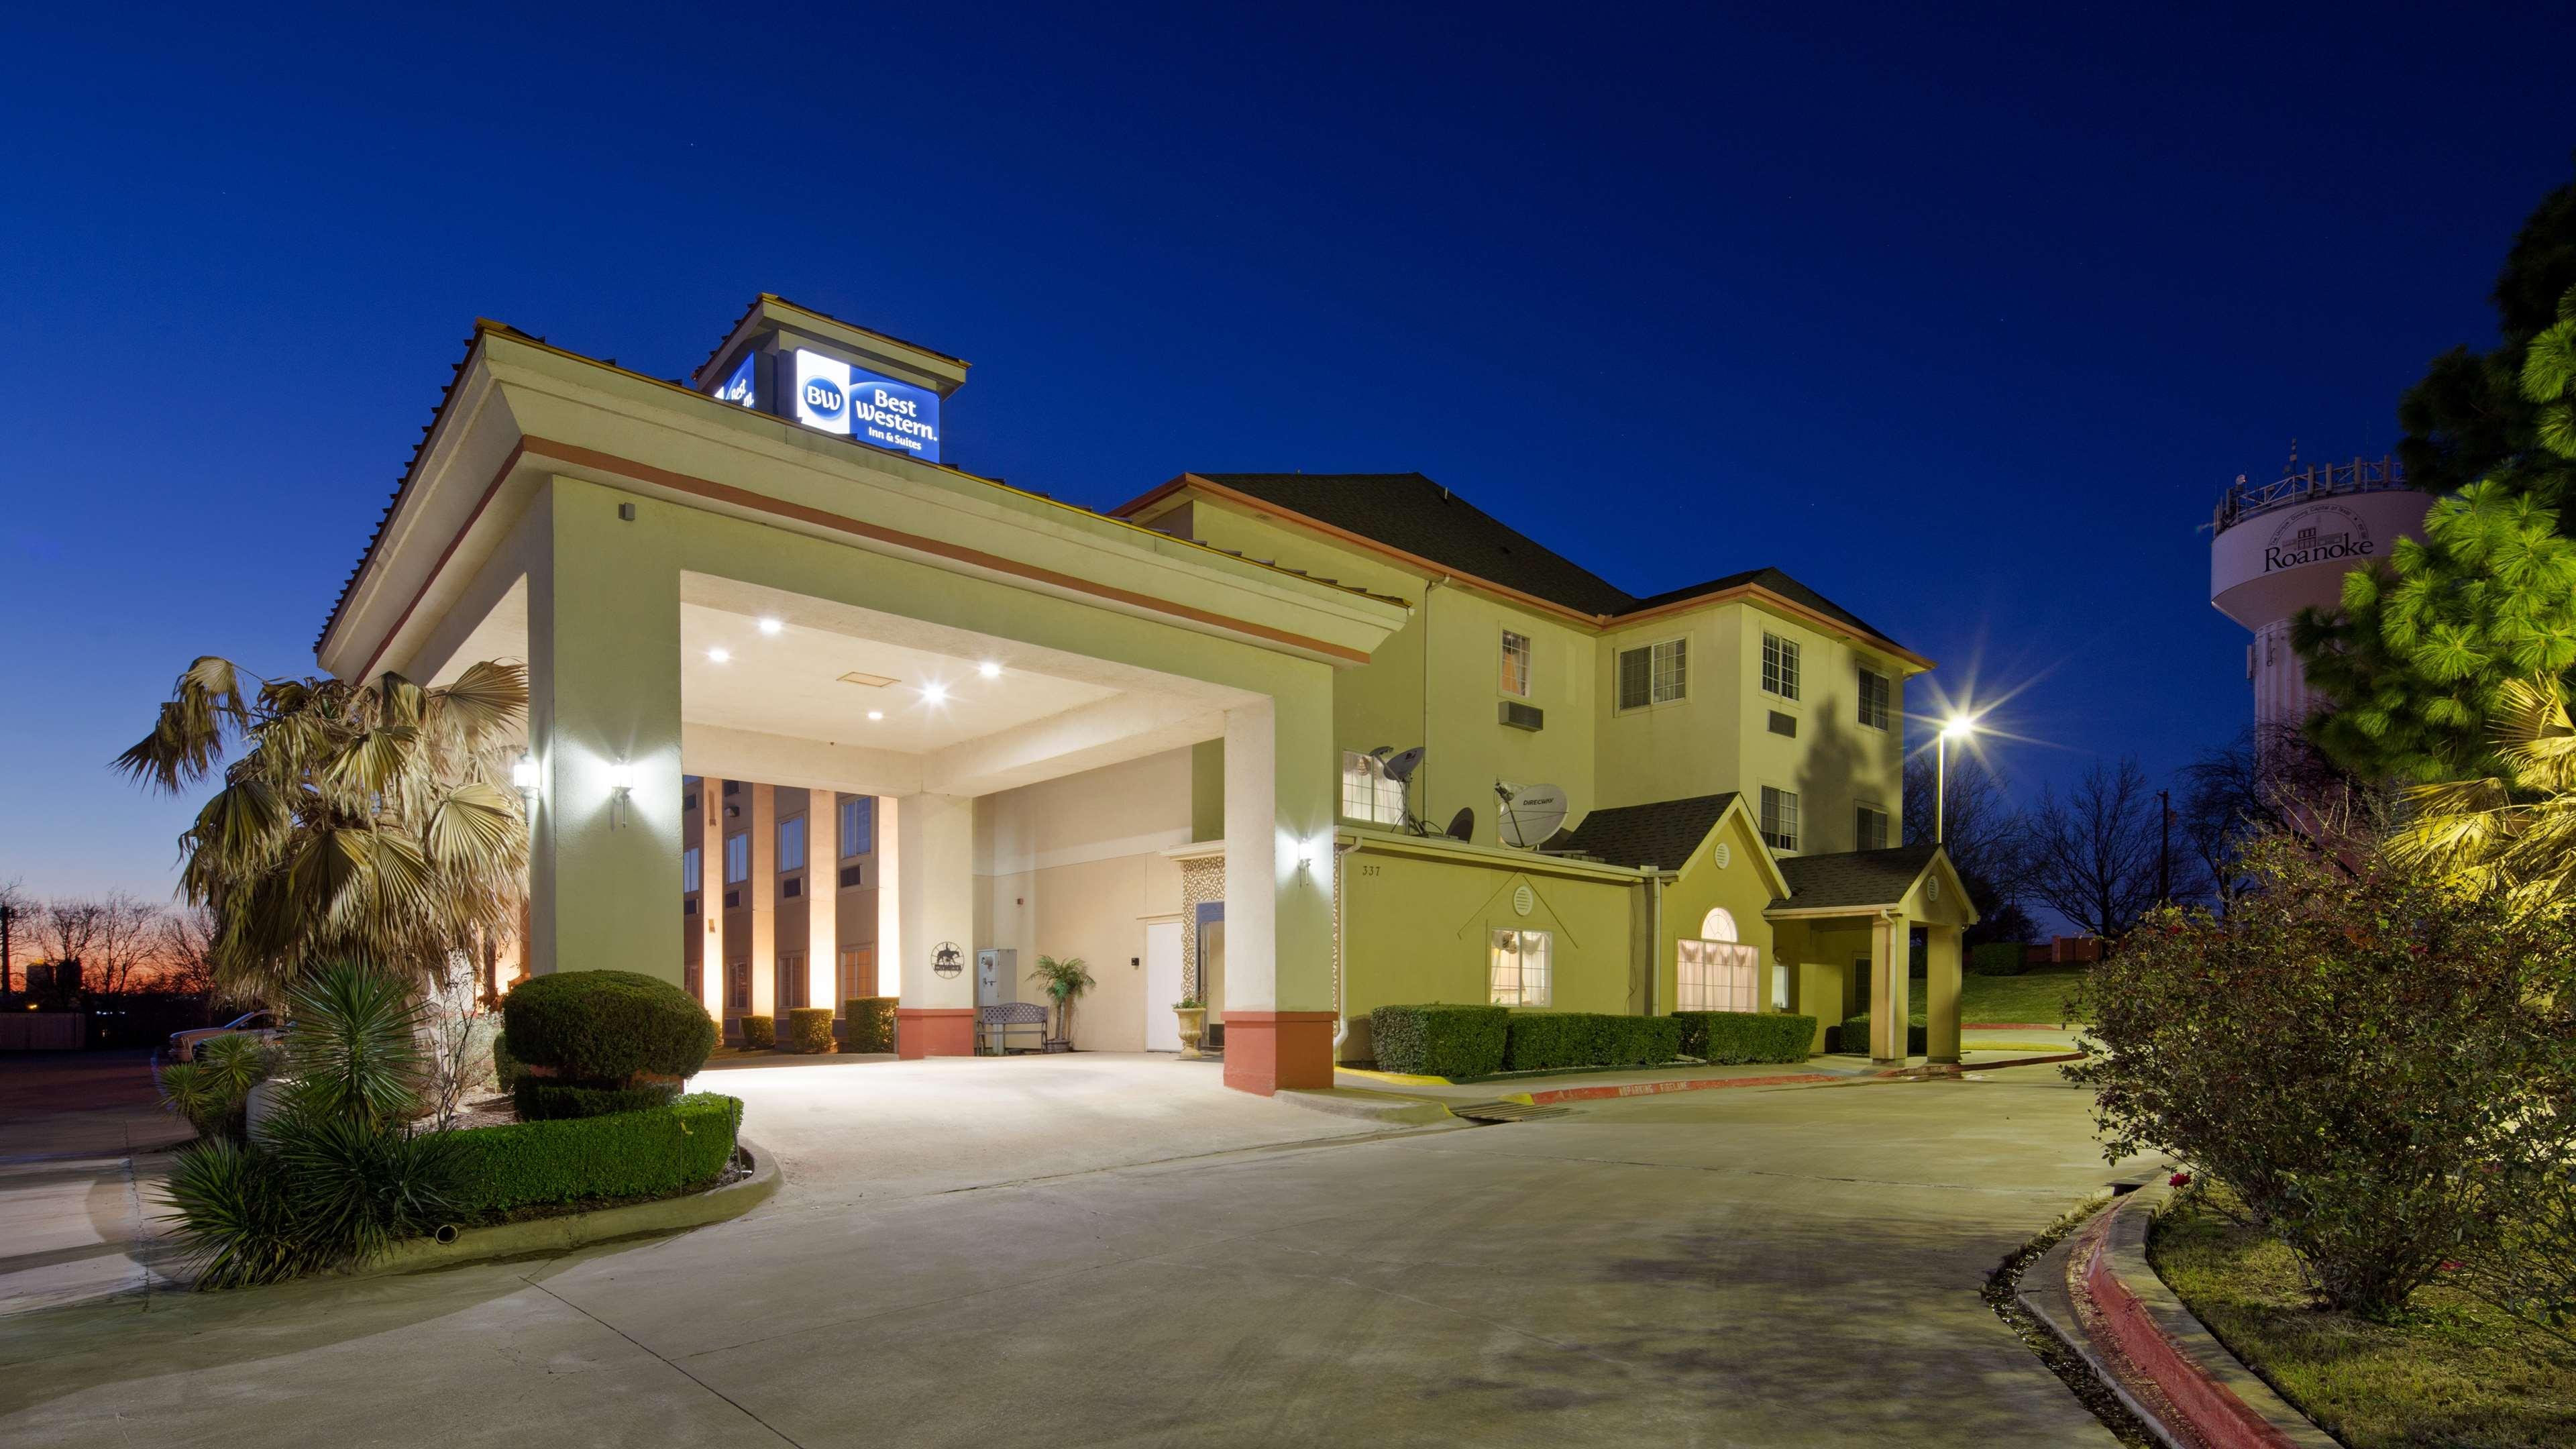 Best western roanoke inn suites in roanoke tx 76262 for Hotels closest to texas motor speedway